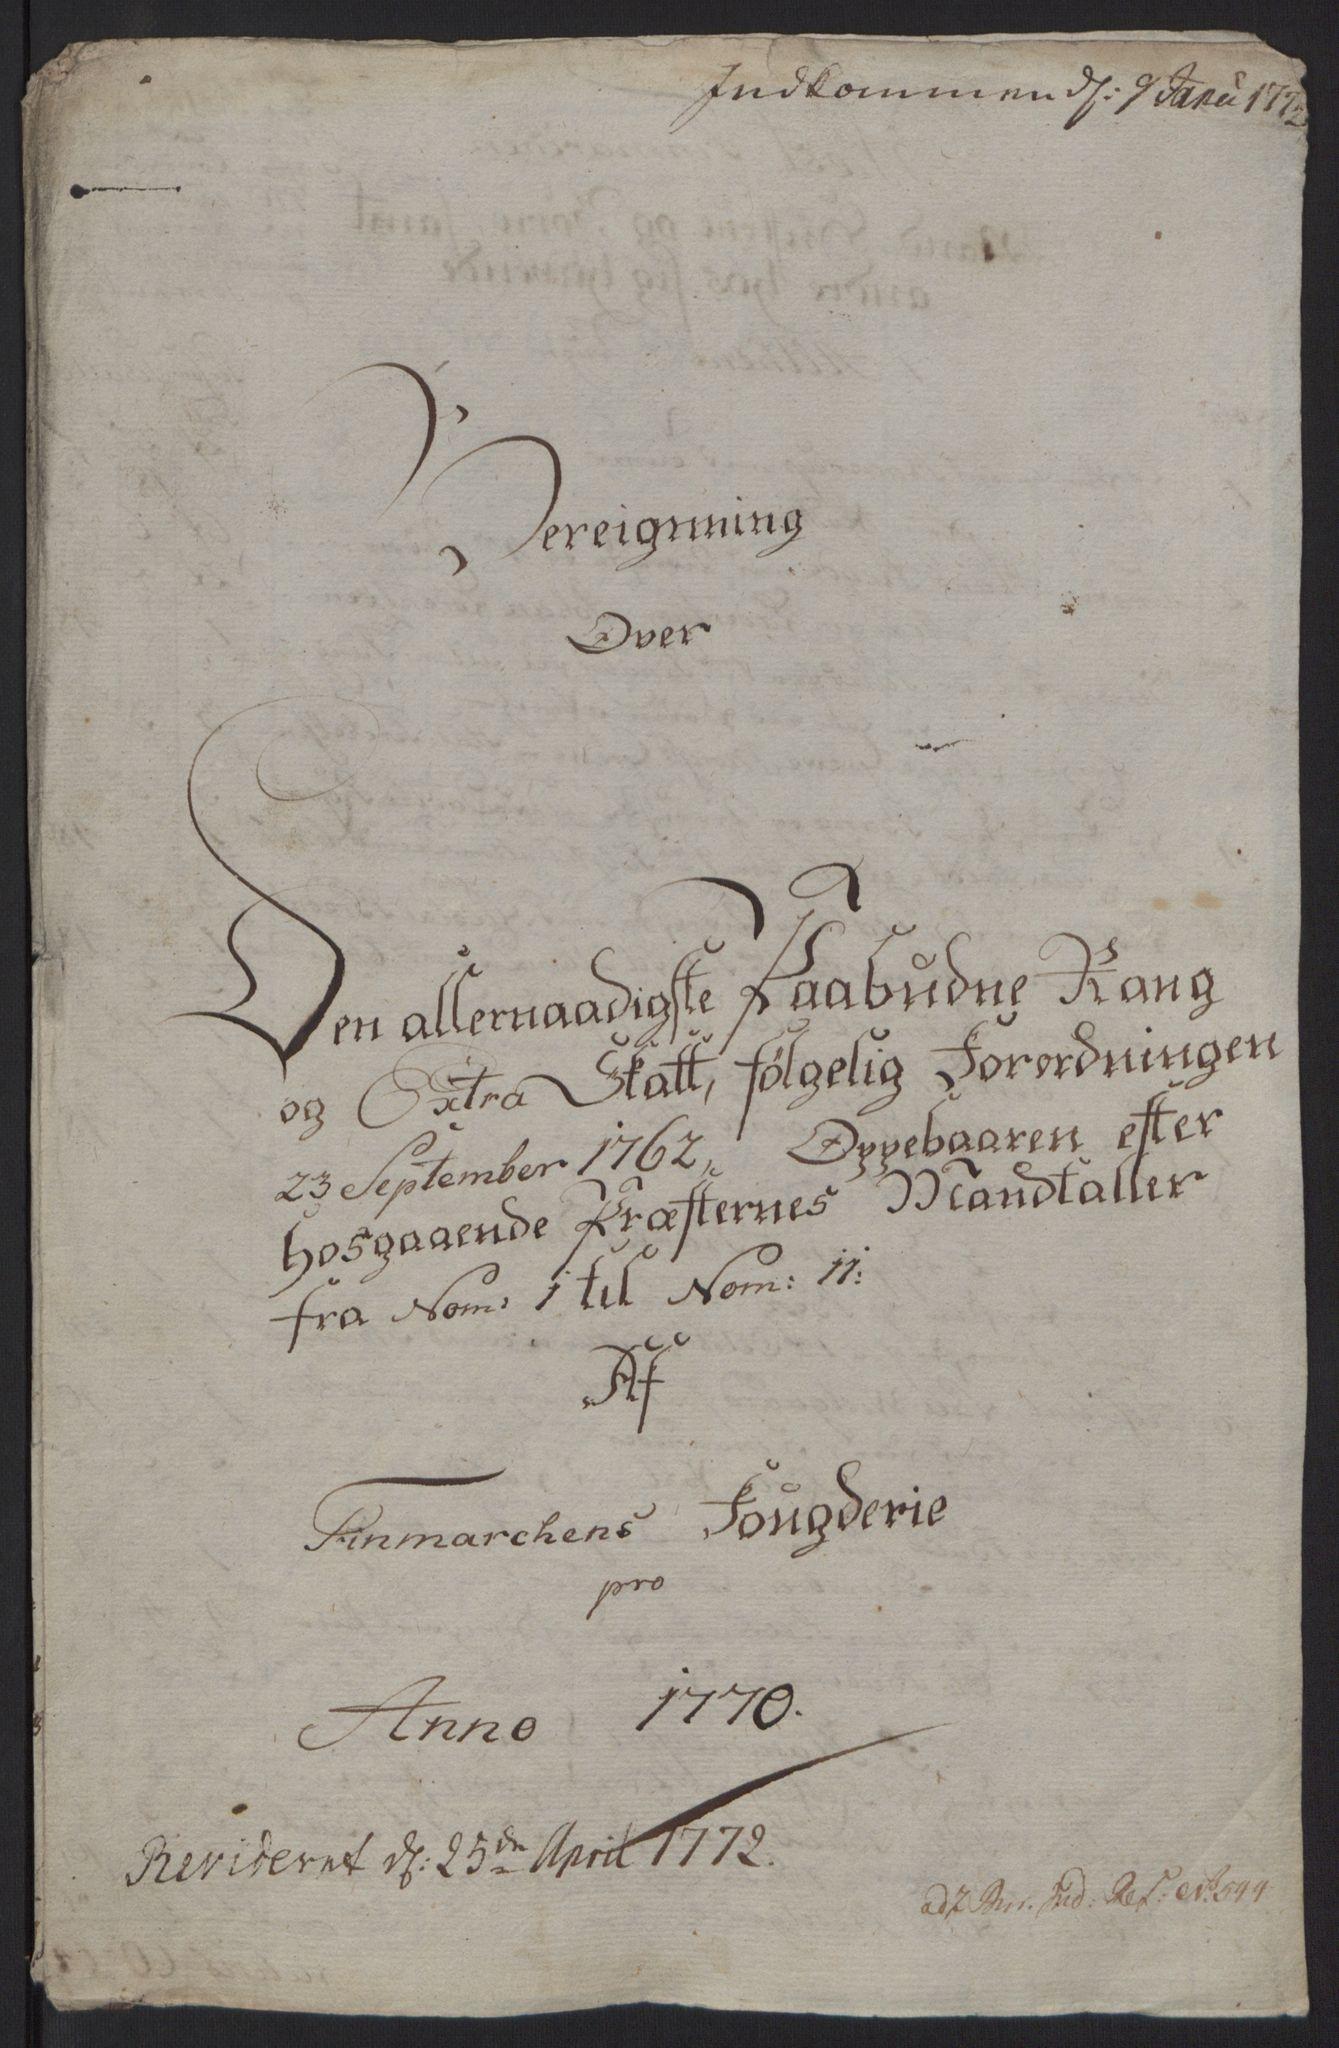 RA, Rentekammeret inntil 1814, Reviderte regnskaper, Fogderegnskap, R69/L4910: Ekstraskatten  Finnmark/Vardøhus, 1762-1772, s. 370